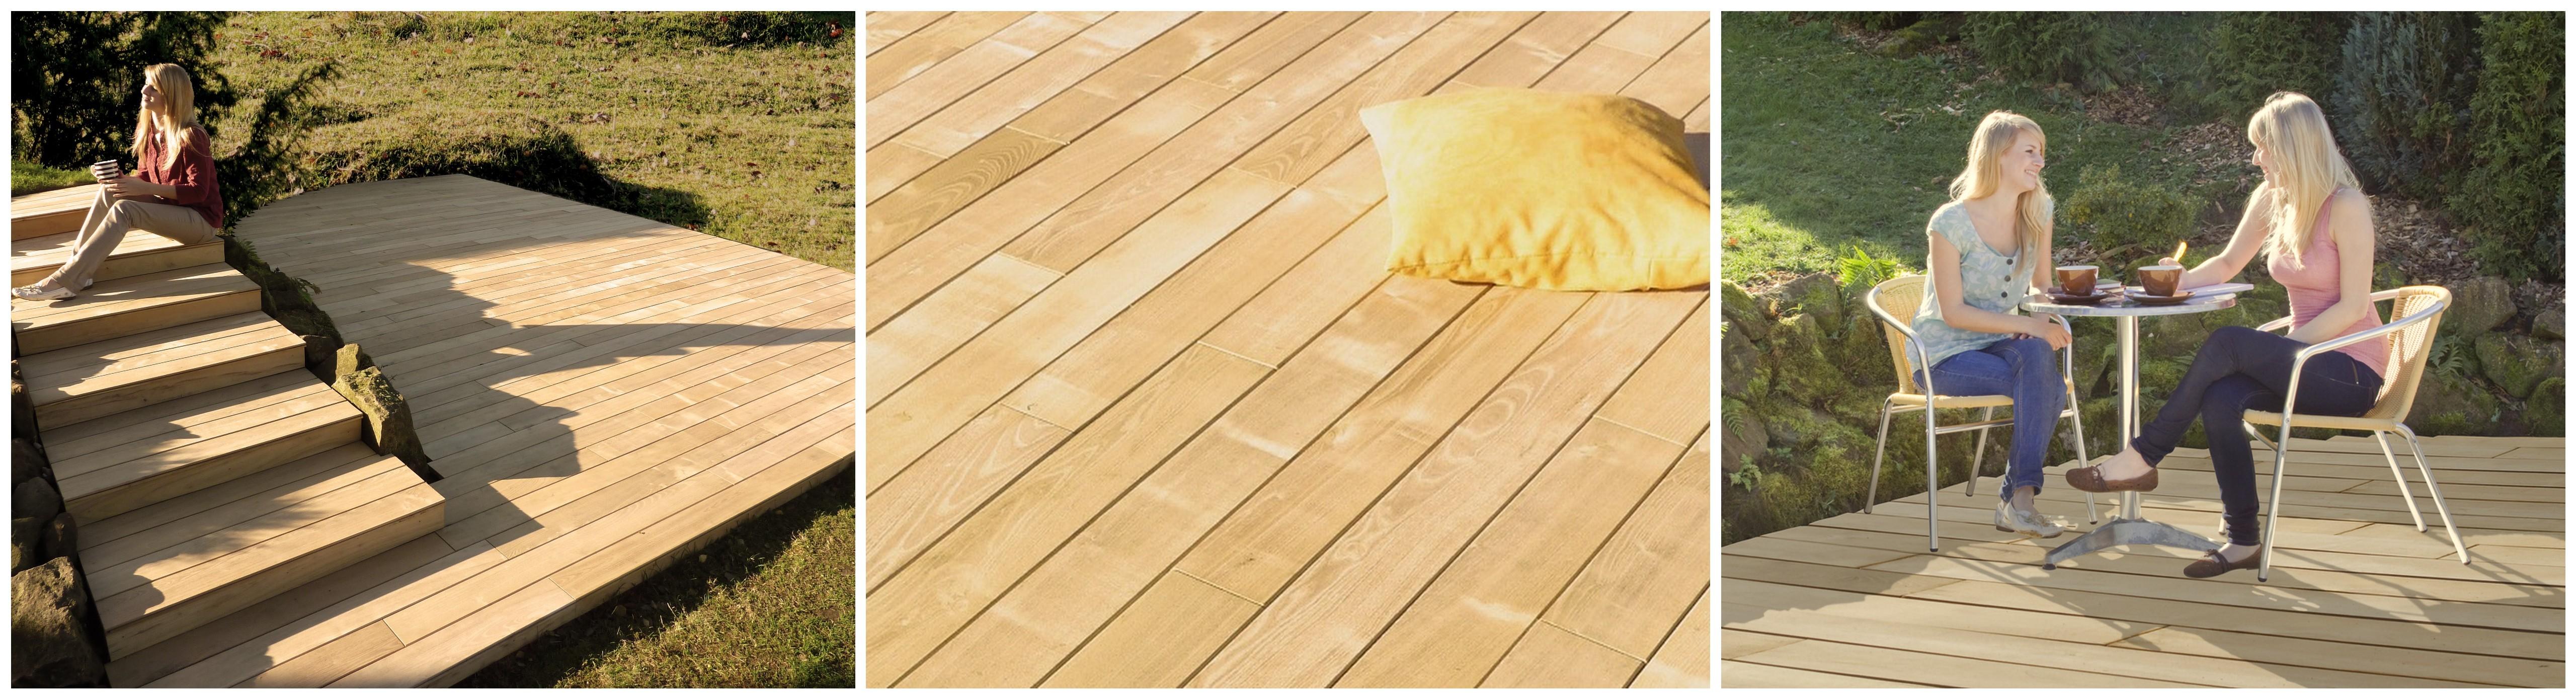 robinie s gewerk scior gmbh mossautal h ttenthal blockhaus terrassen fassaden. Black Bedroom Furniture Sets. Home Design Ideas